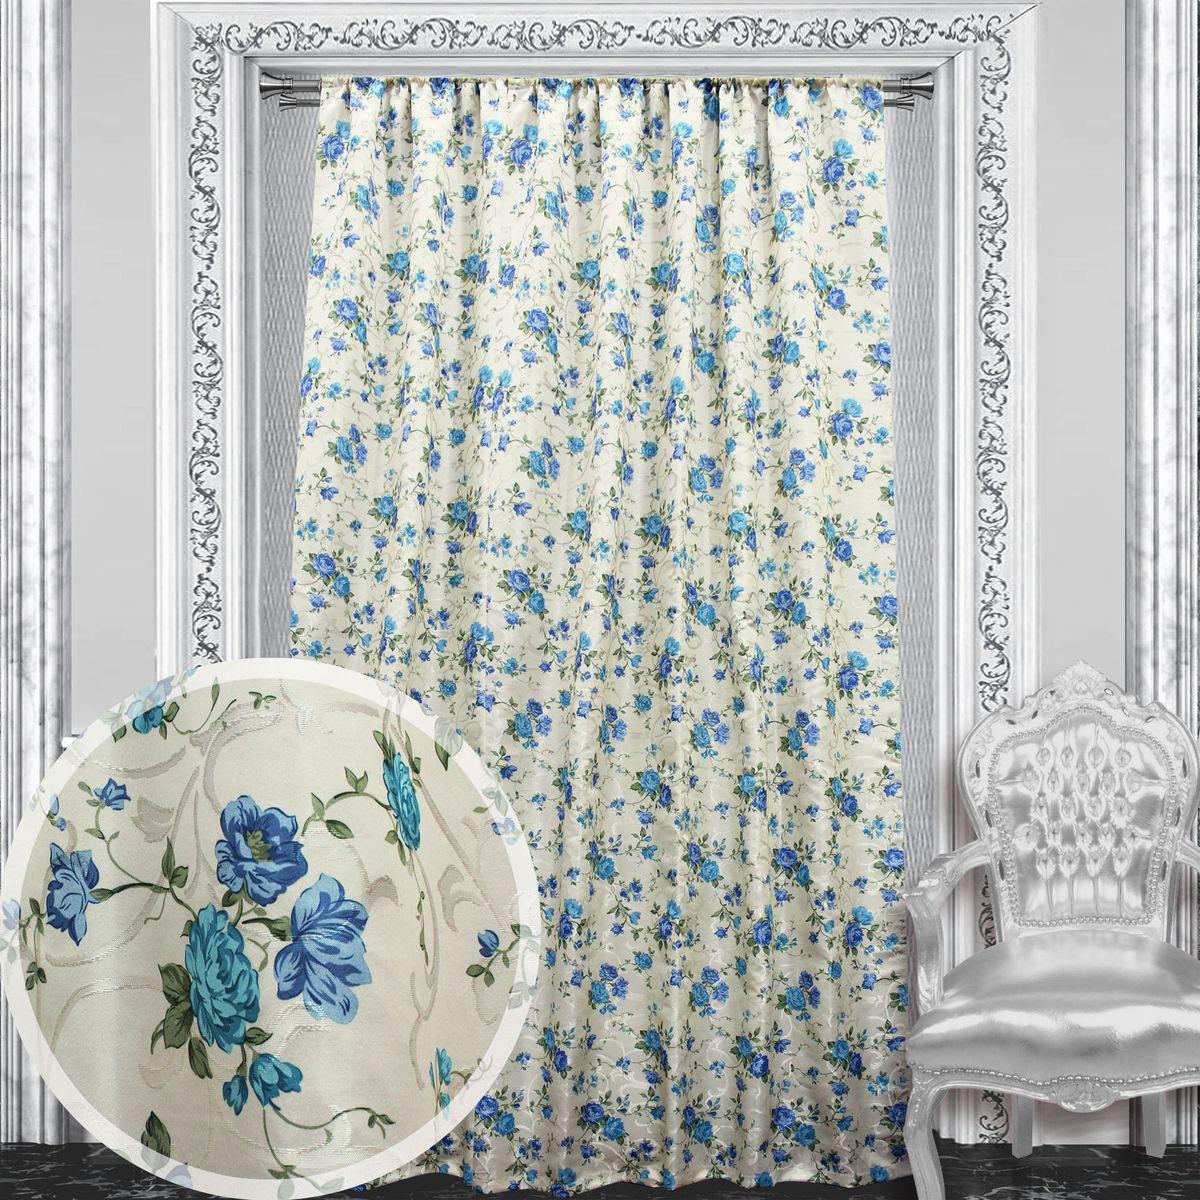 Портьера Amore Mio Жаккард, на ленте, цвет: голубой, высота 270 см. 86039